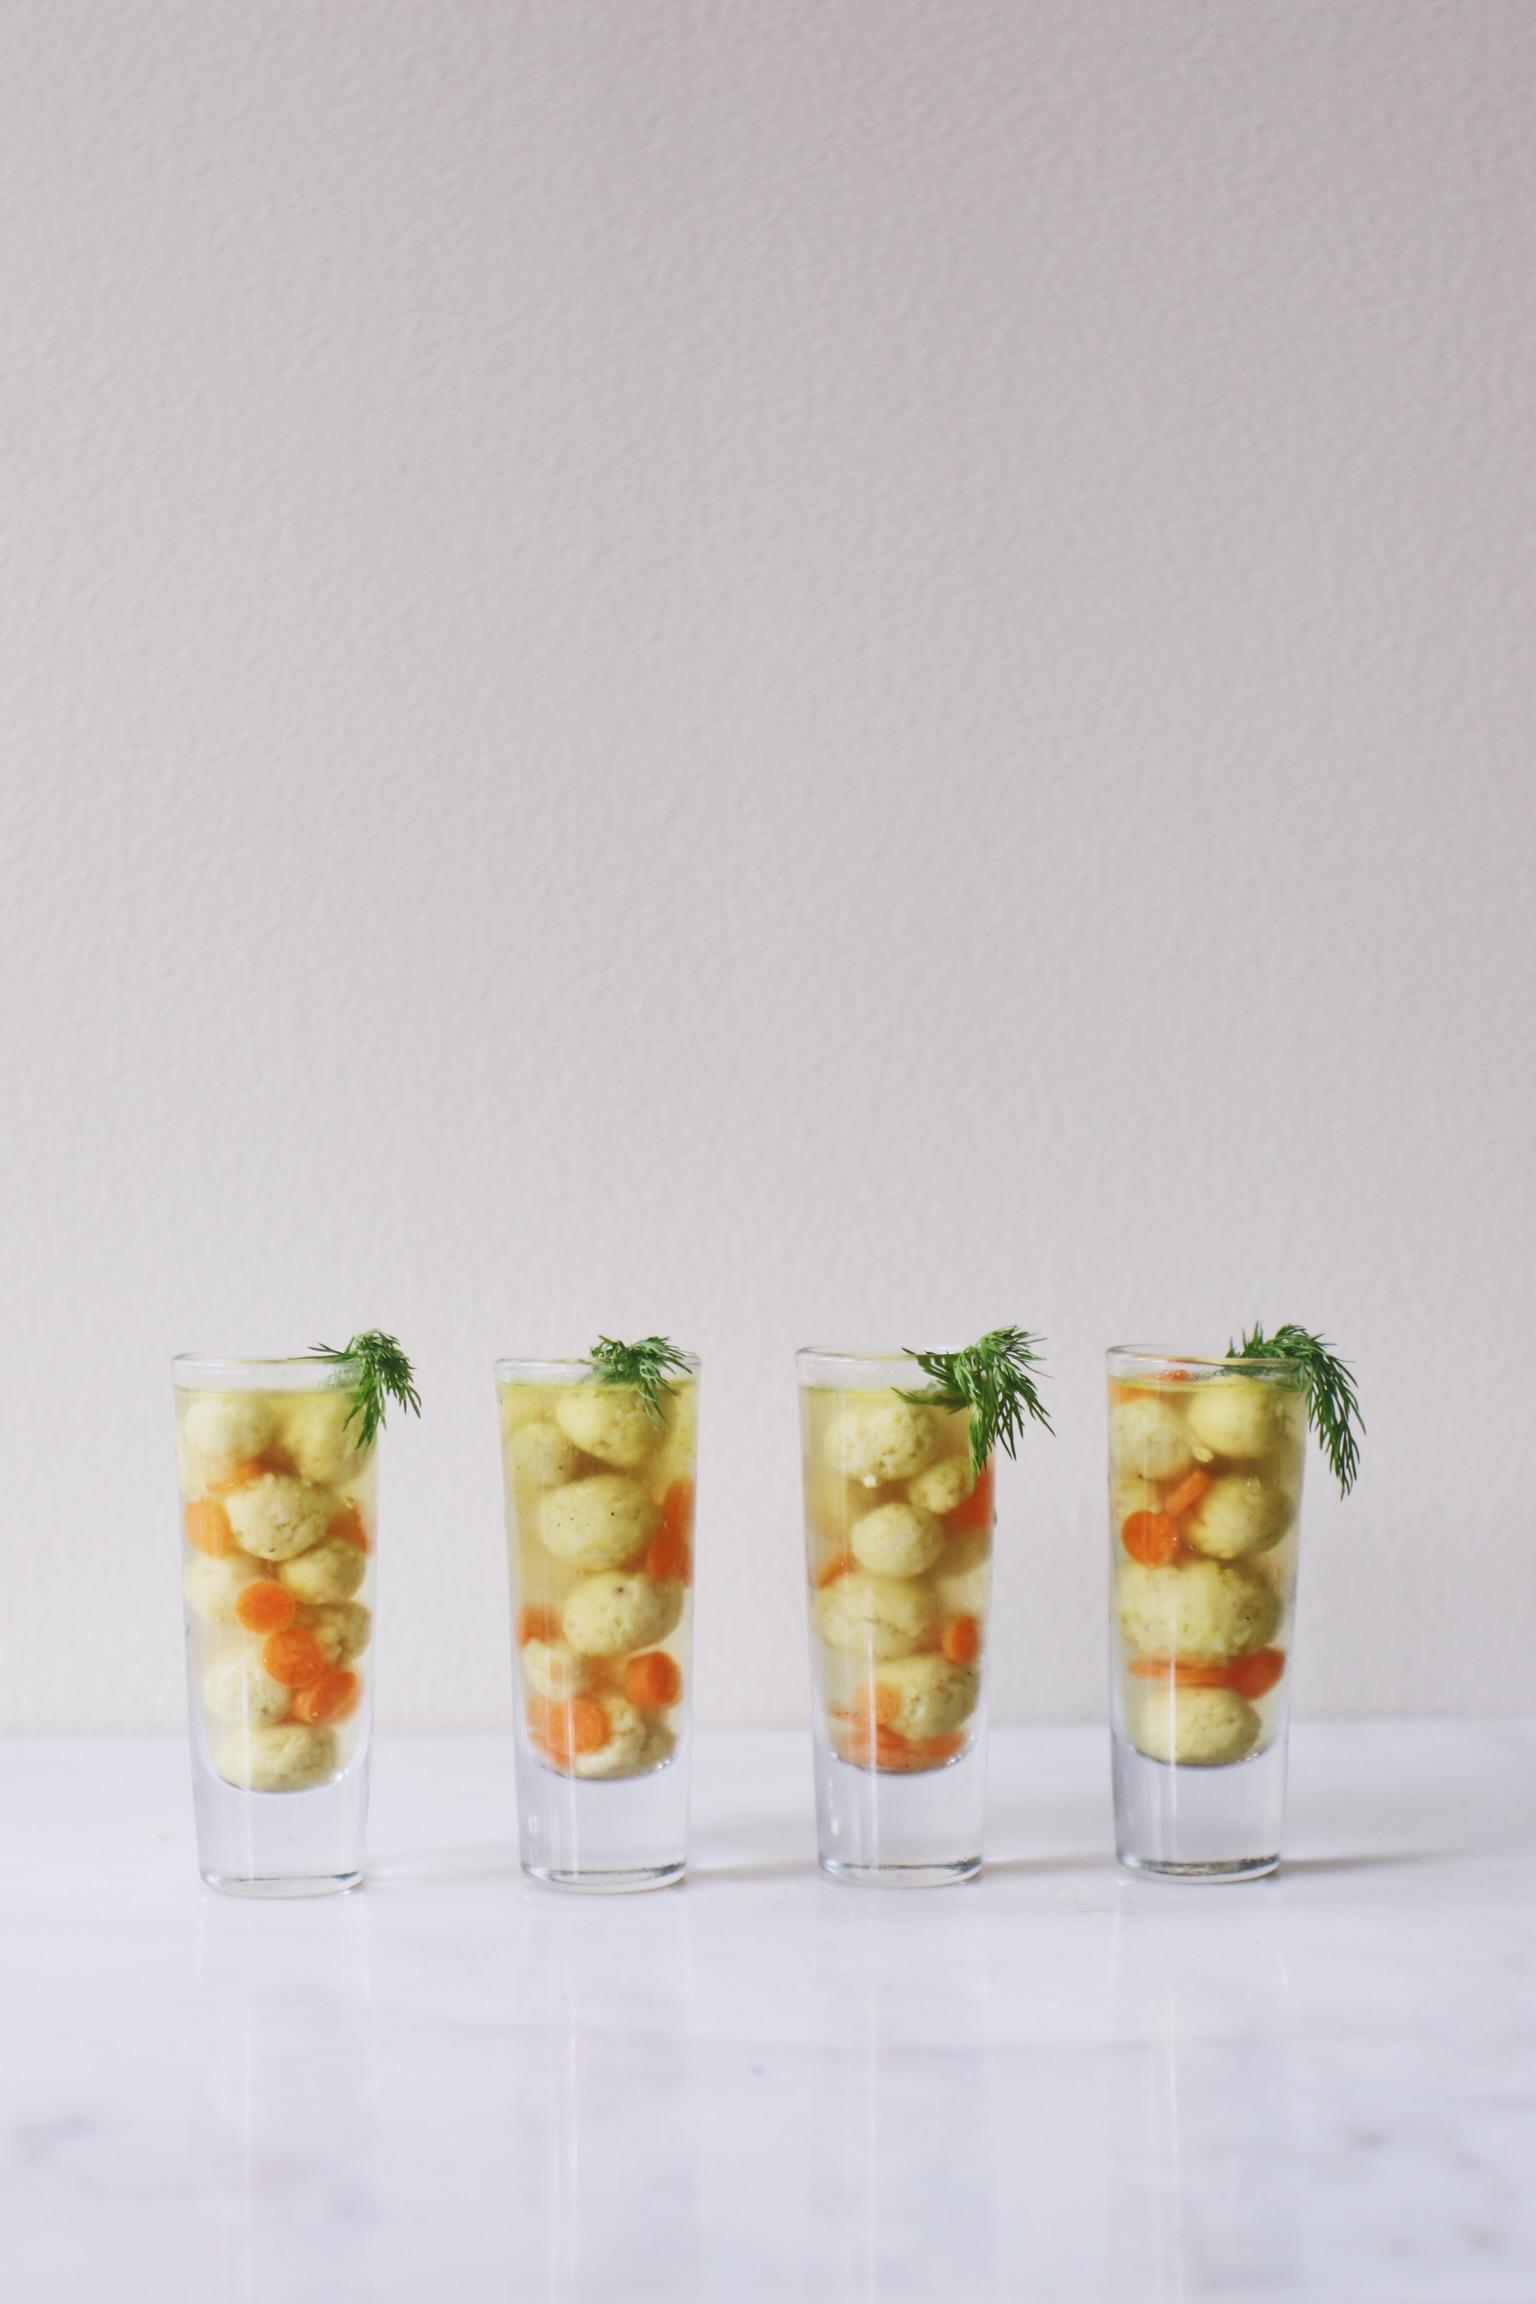 passover-appetizers-matzah-ball-soup-recipe-1.jpeg